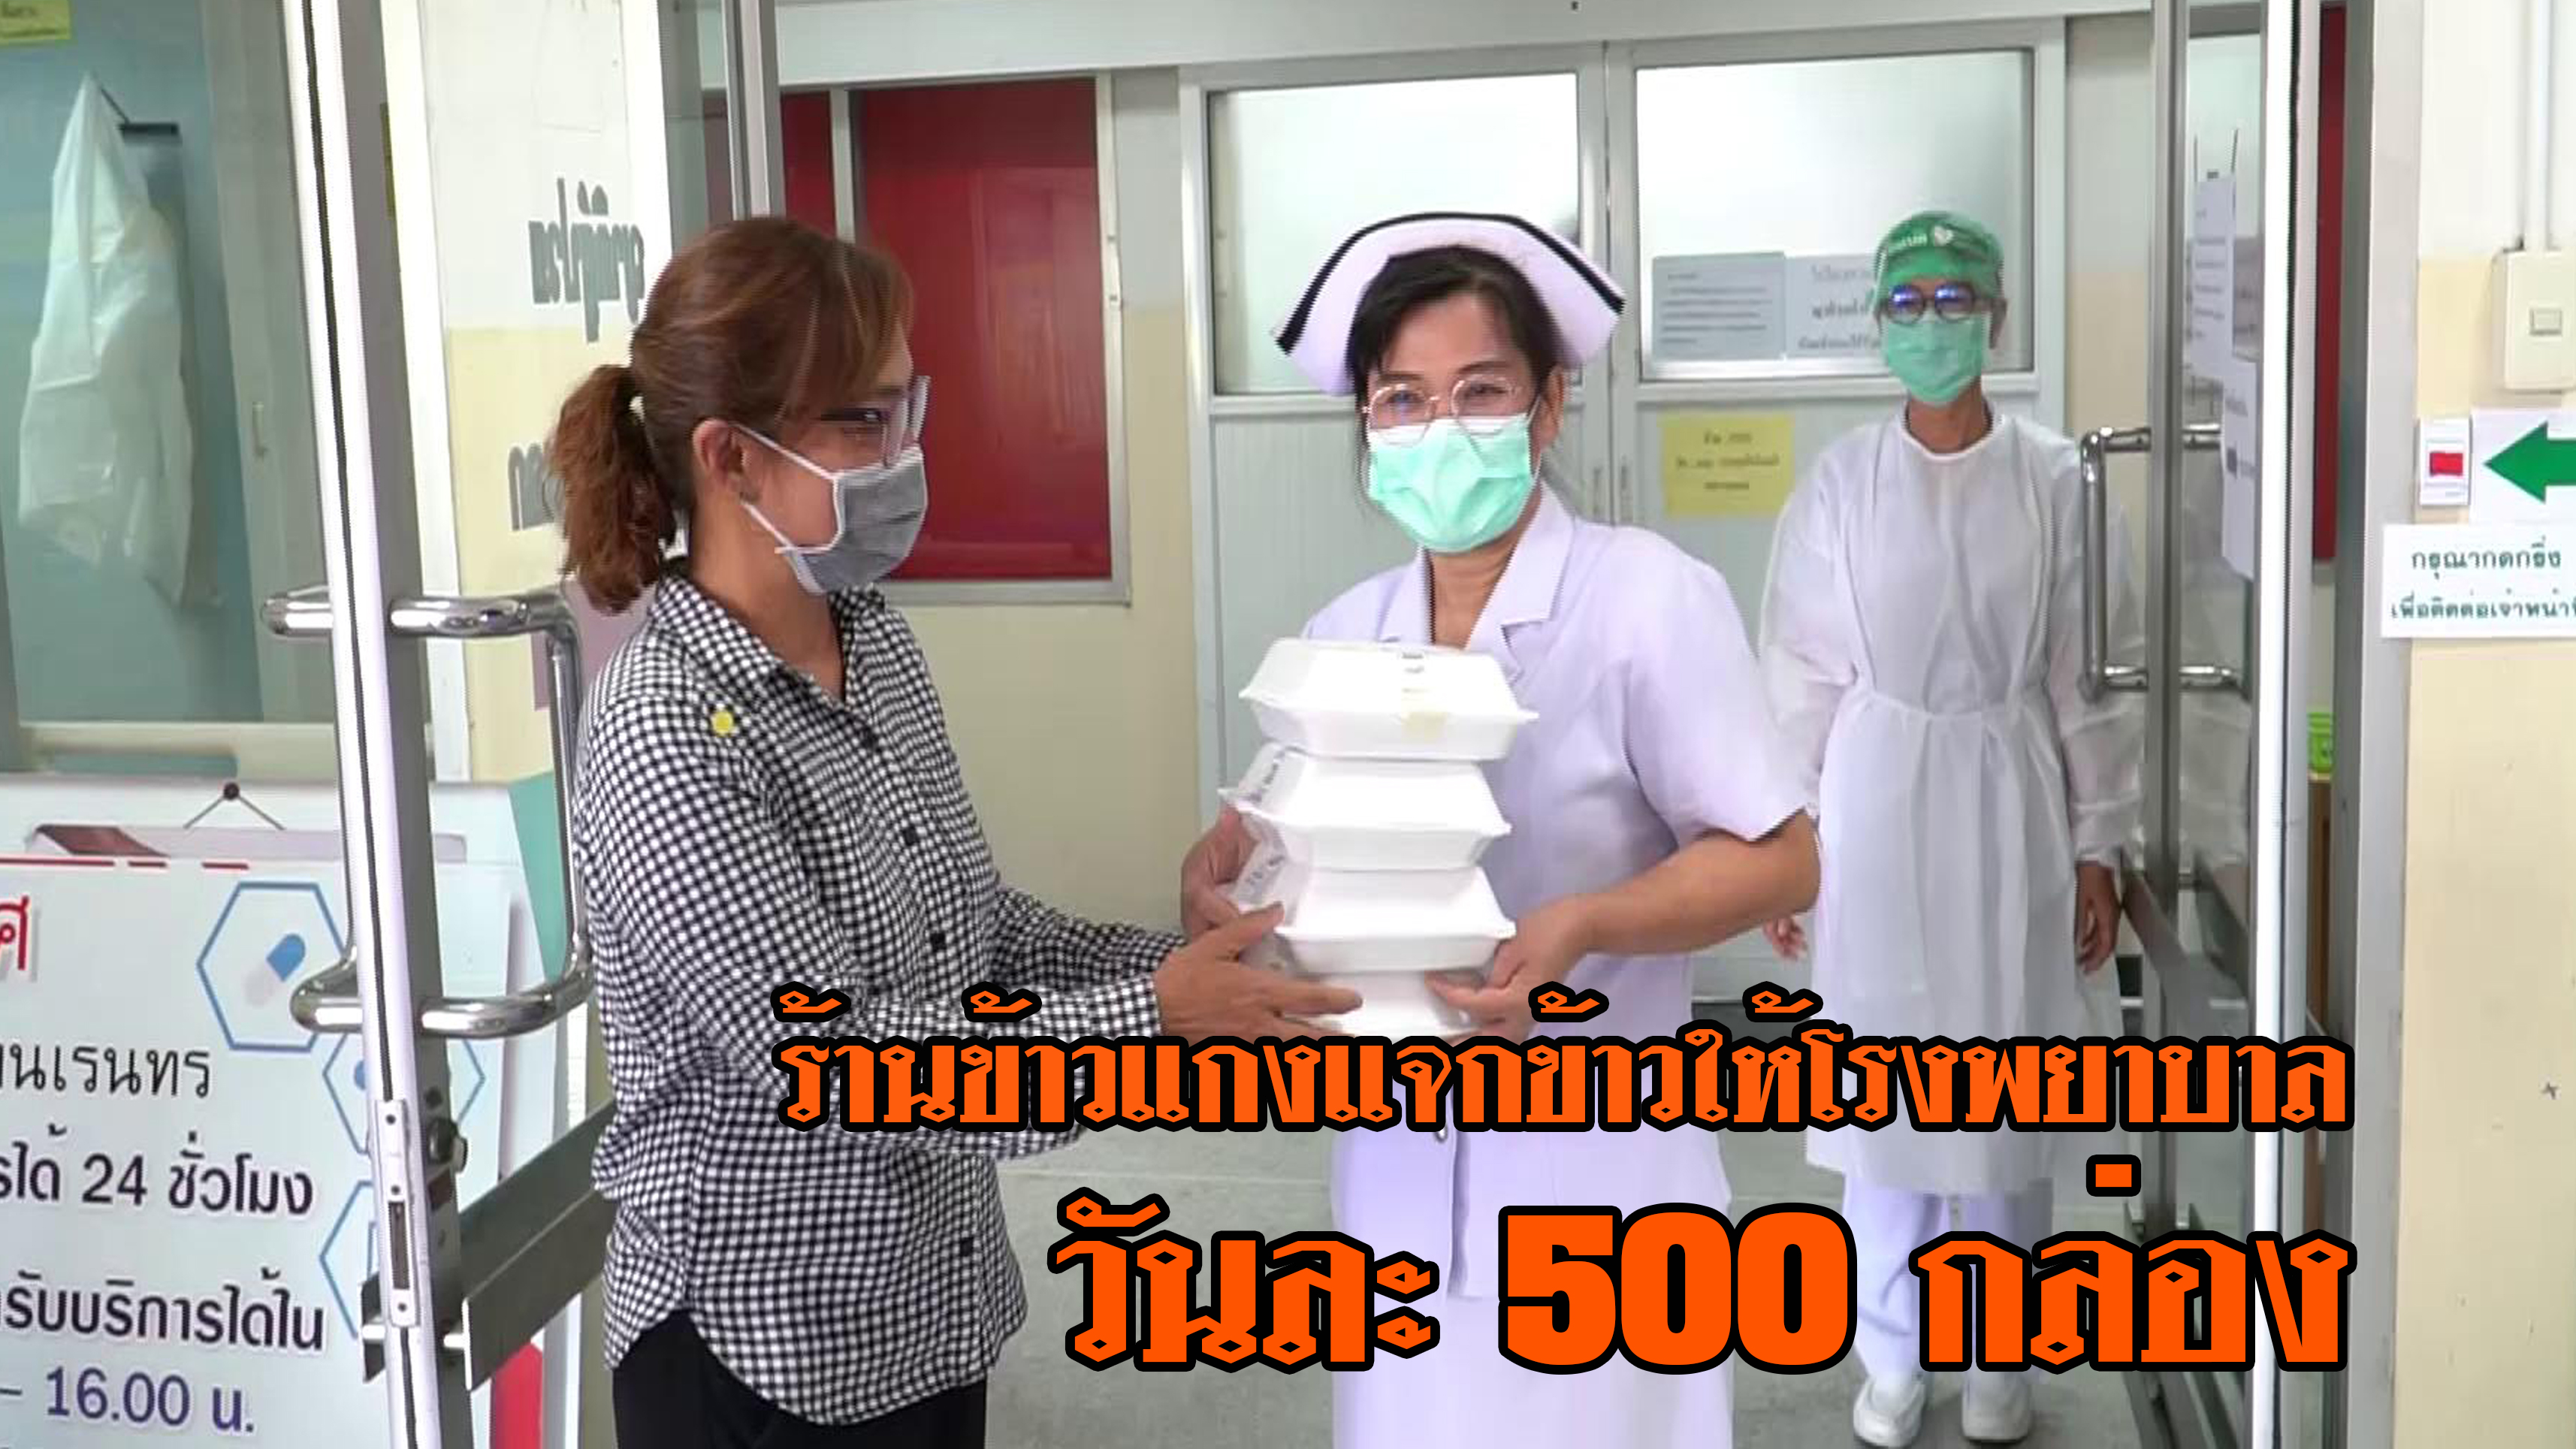 ร้านข้าวแกงใจดีแจกข้าวกล่องบุคลากรการแพทย์และเจ้าหน้าที่โรงพยาบาลชัยนาทนเรนทรวันละ 500 กล่อง